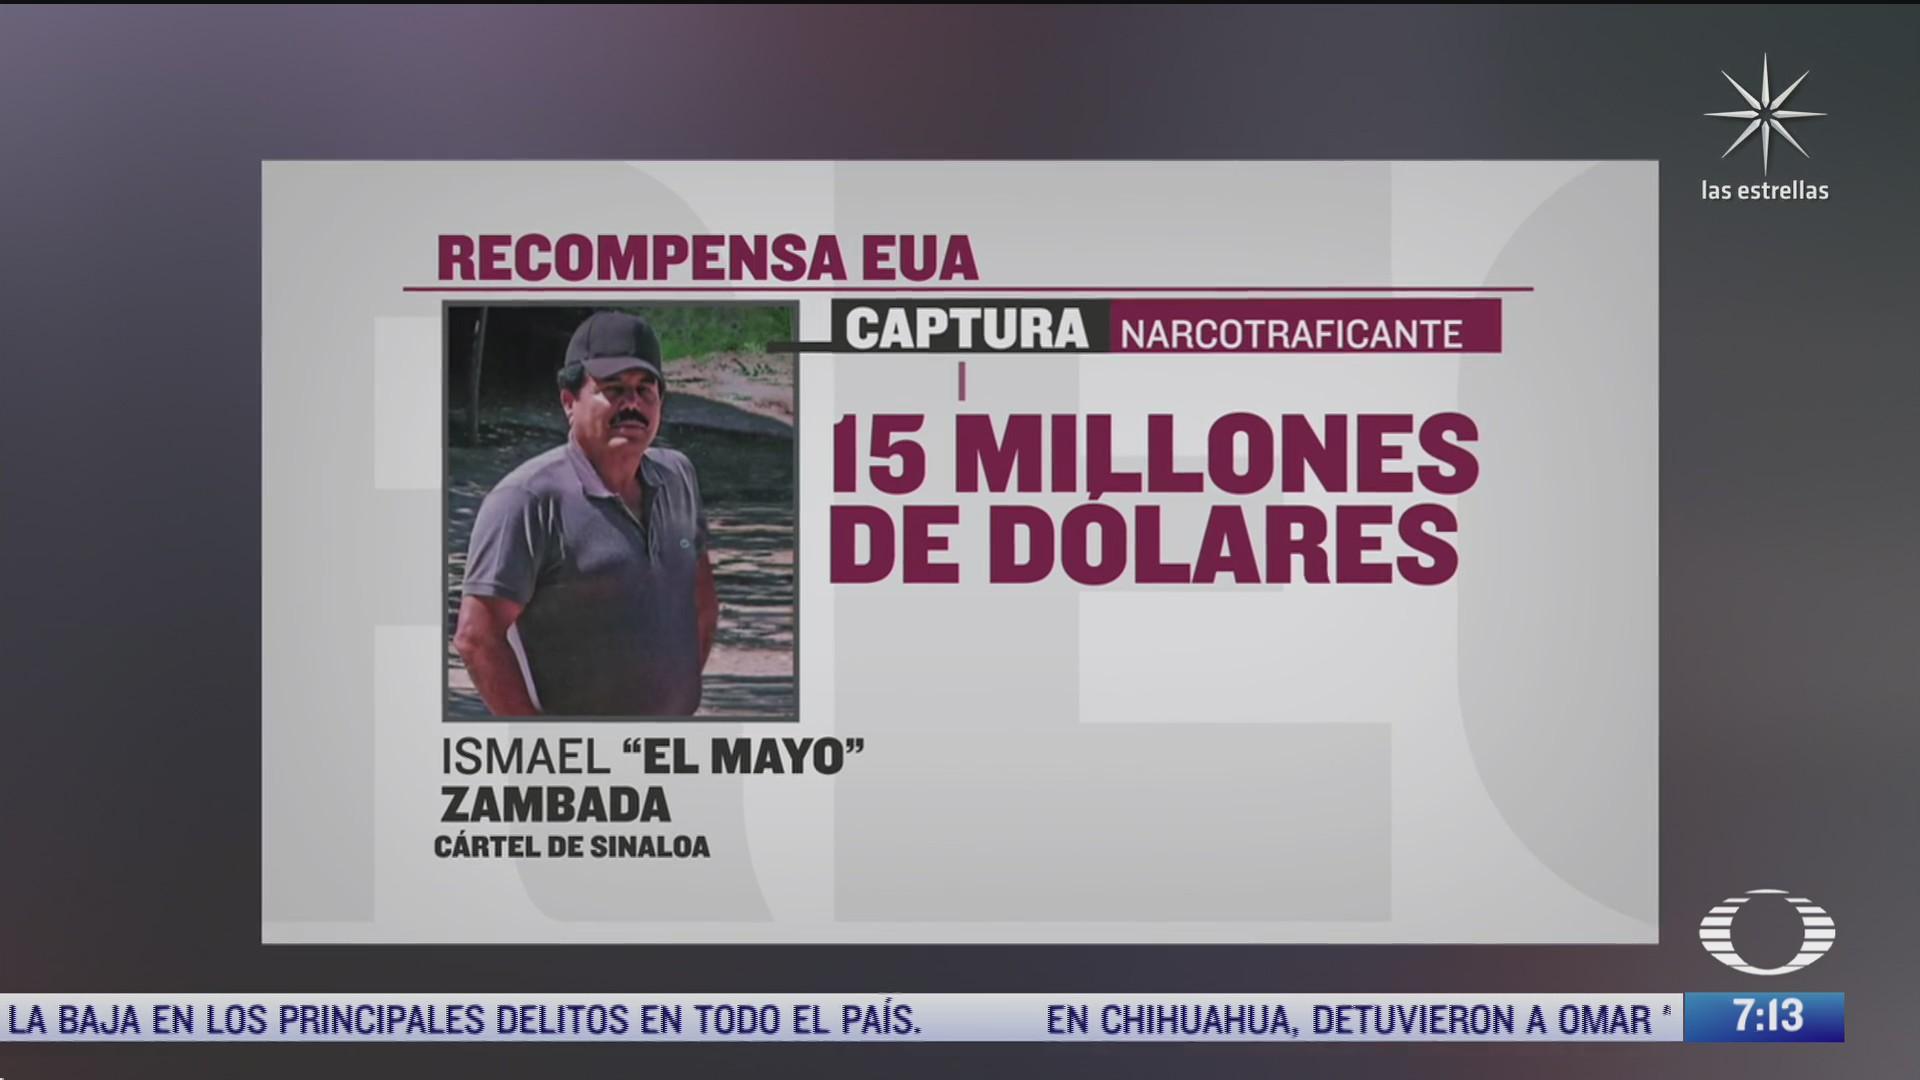 eeuu triplica recompensa por el mayo zambada ofrece 15 mdd